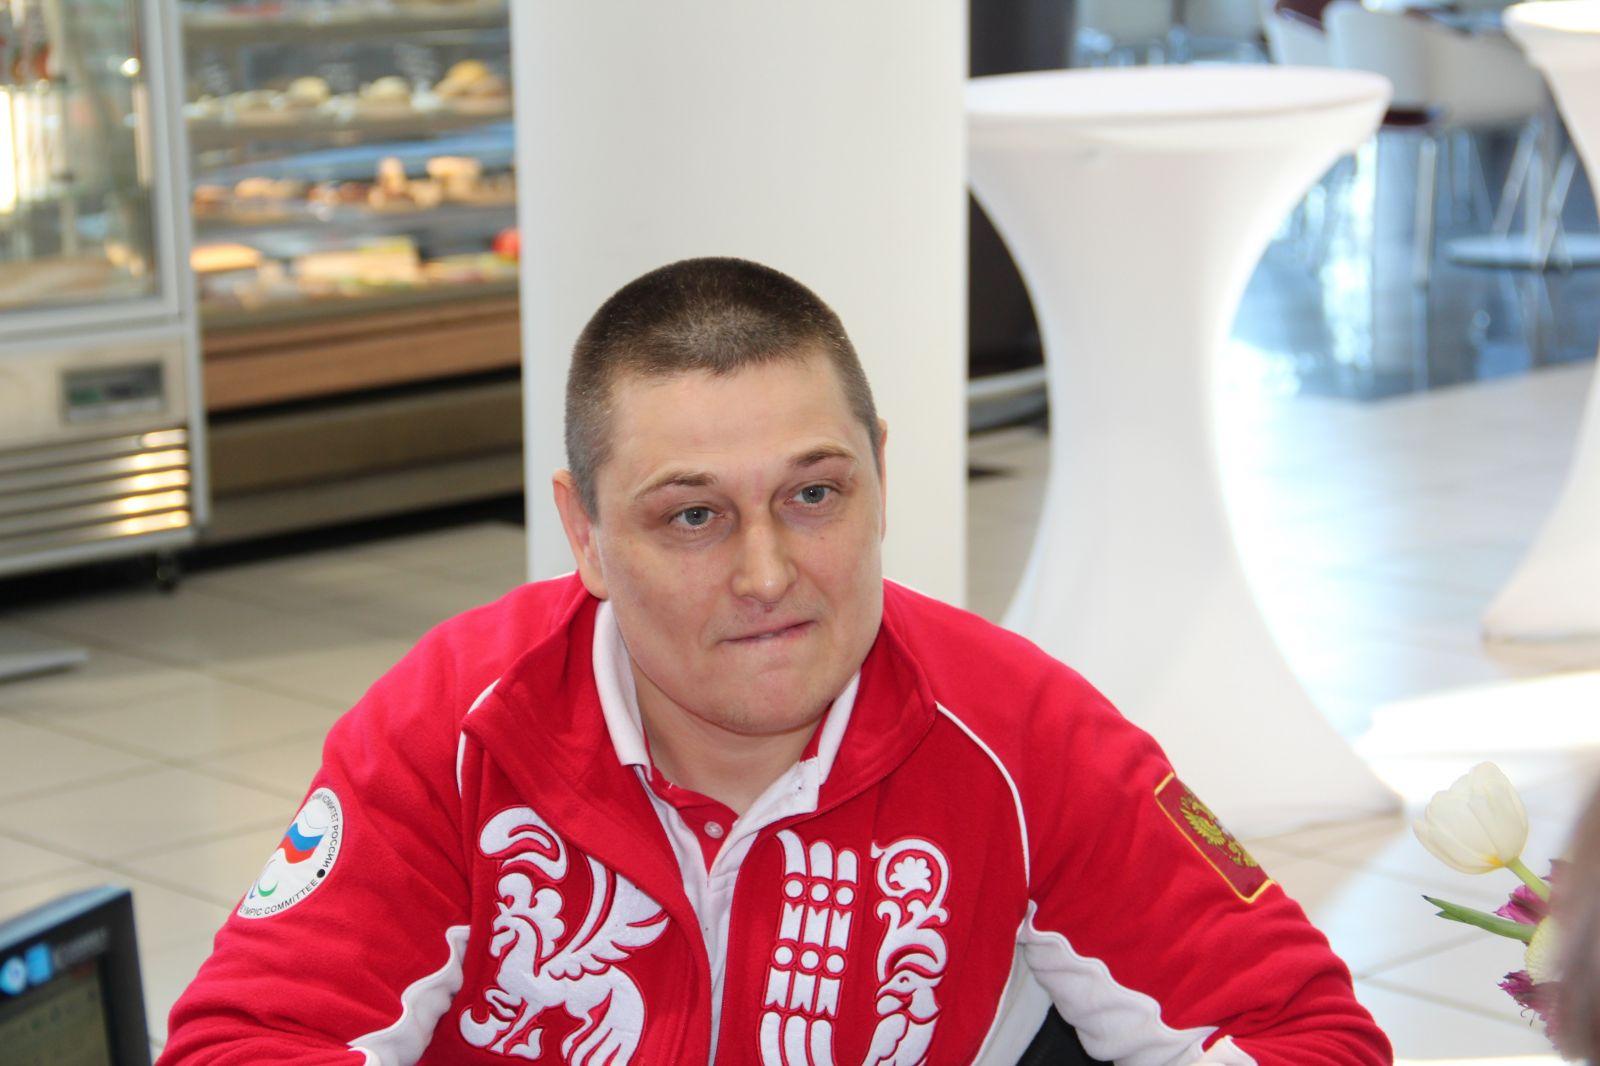 Послы паралимпийского спорта. Вадим Селюкин